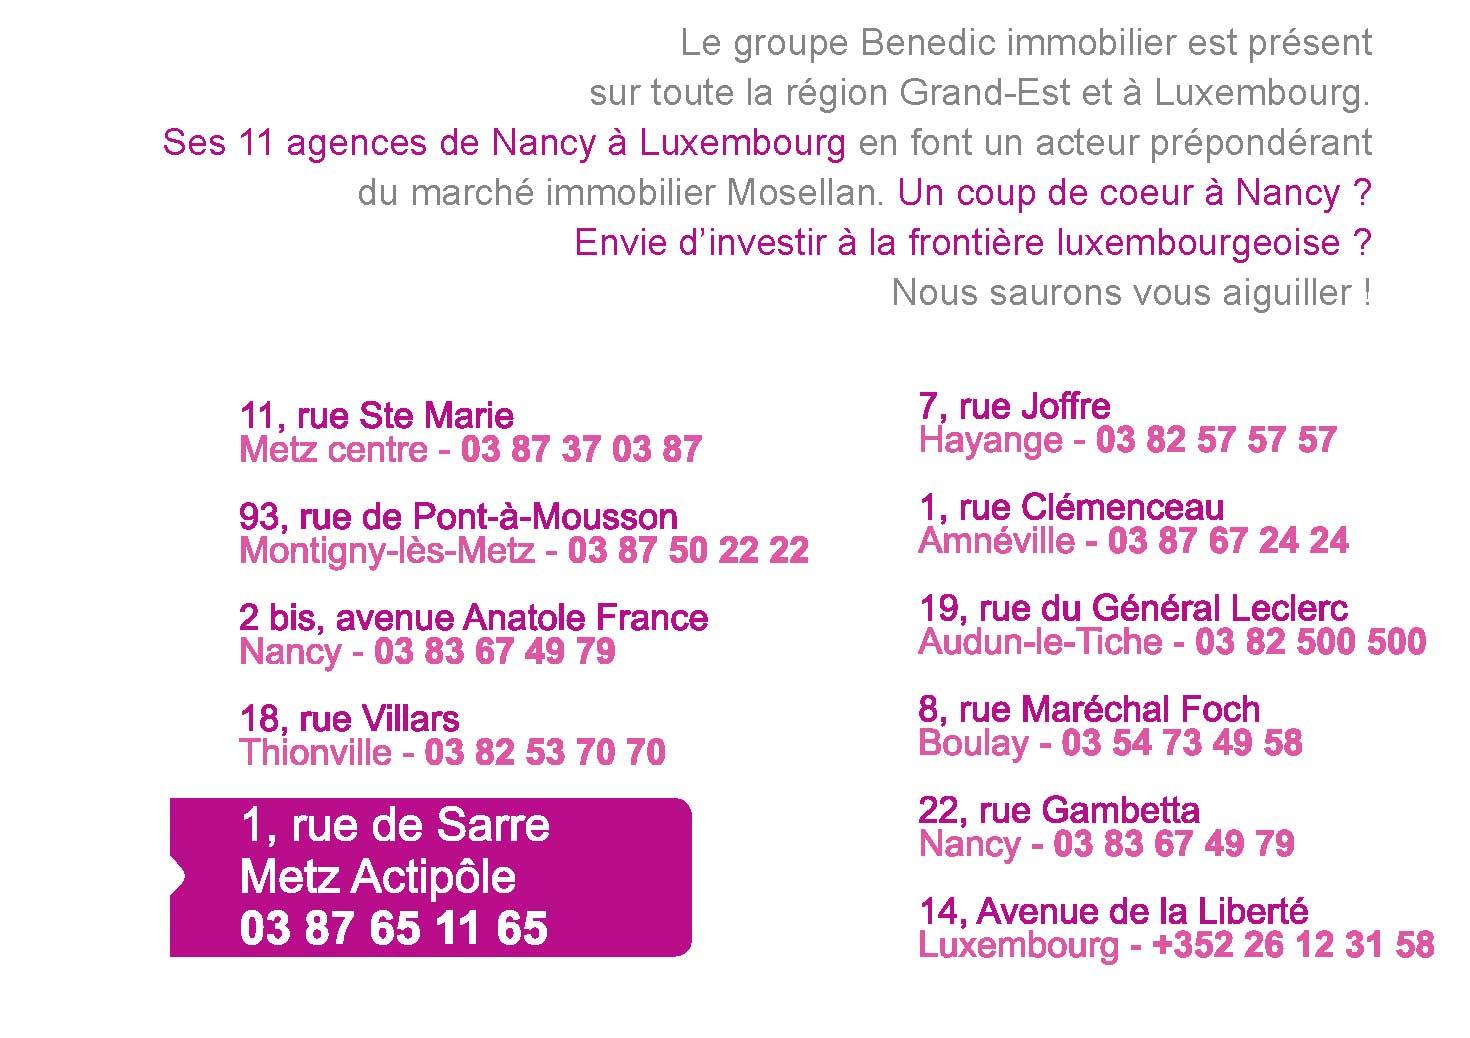 Agence Immobilière à Nancy Nancy Amneville Audun Le Tiche Boulay